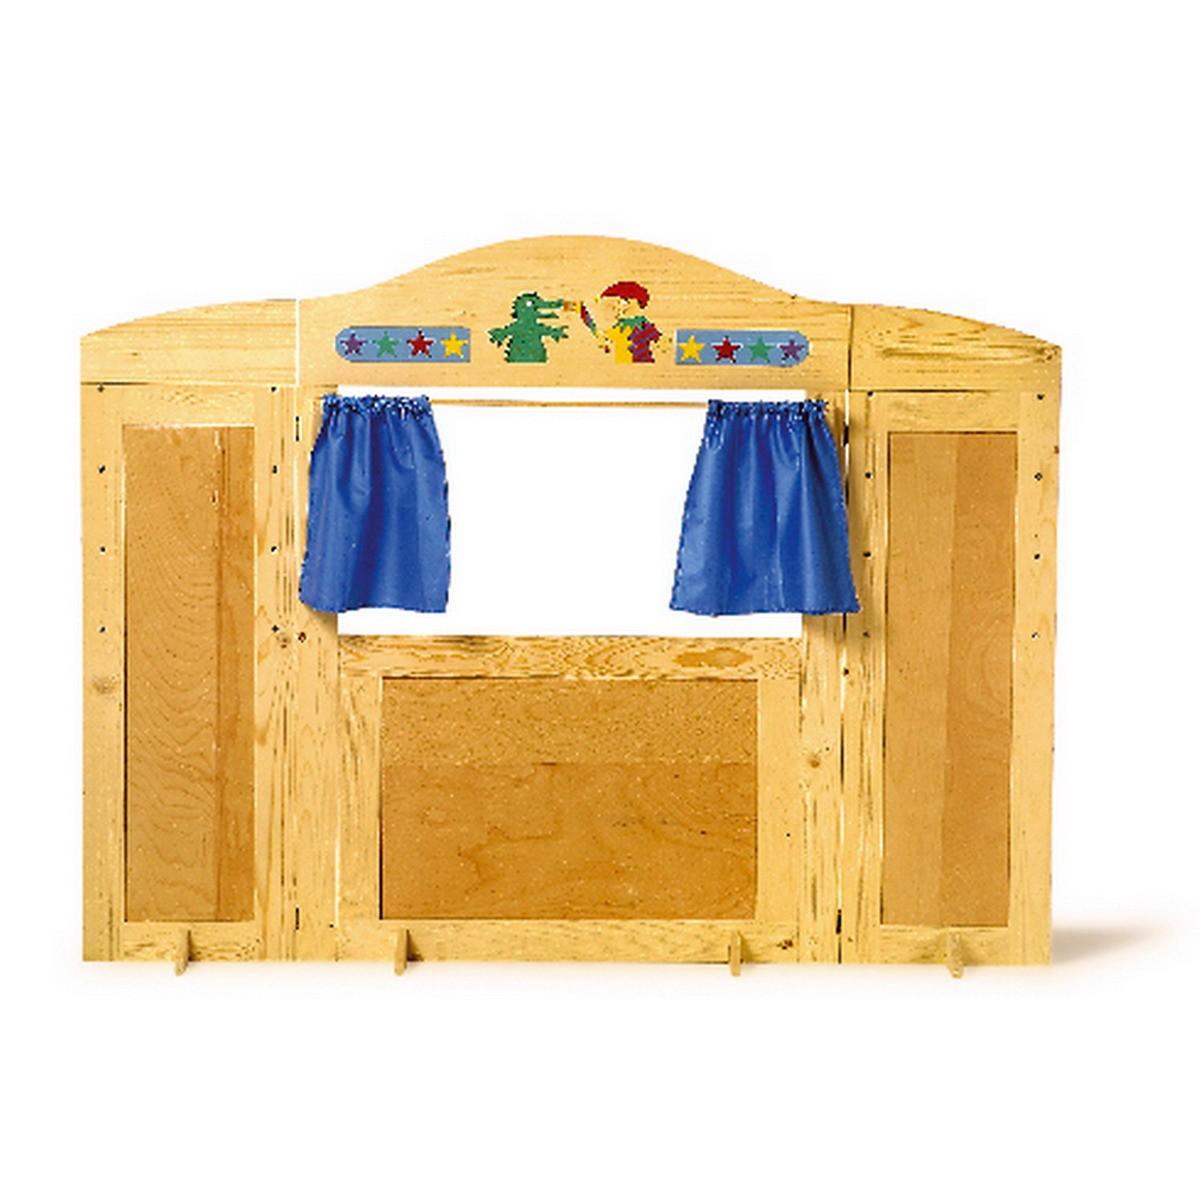 Kaufladen Kasperletheater Holz ~   6952 Kaufladen Vario aus Holz, Tresen und Kasperletheater, mehrfarbig